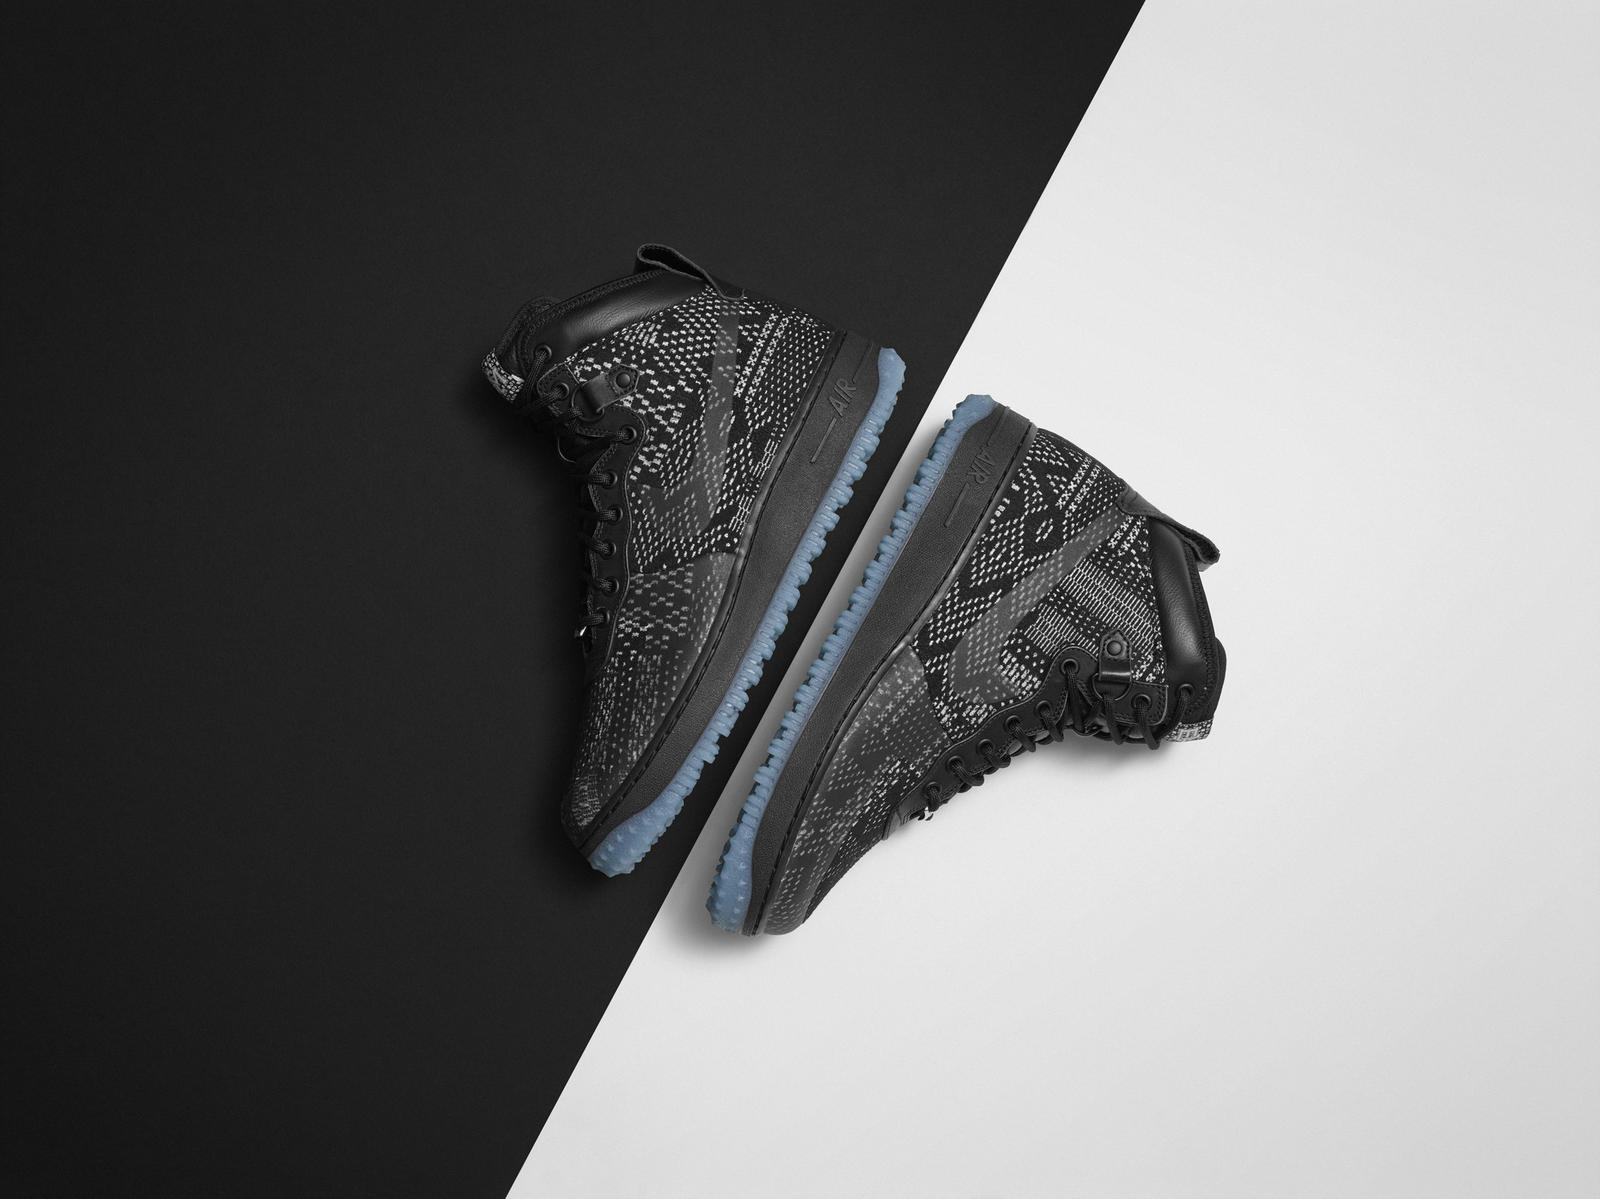 Nike_SP15_BHM_FTWR_AF1_DUCKBOOT_OPT_Final_native_1600